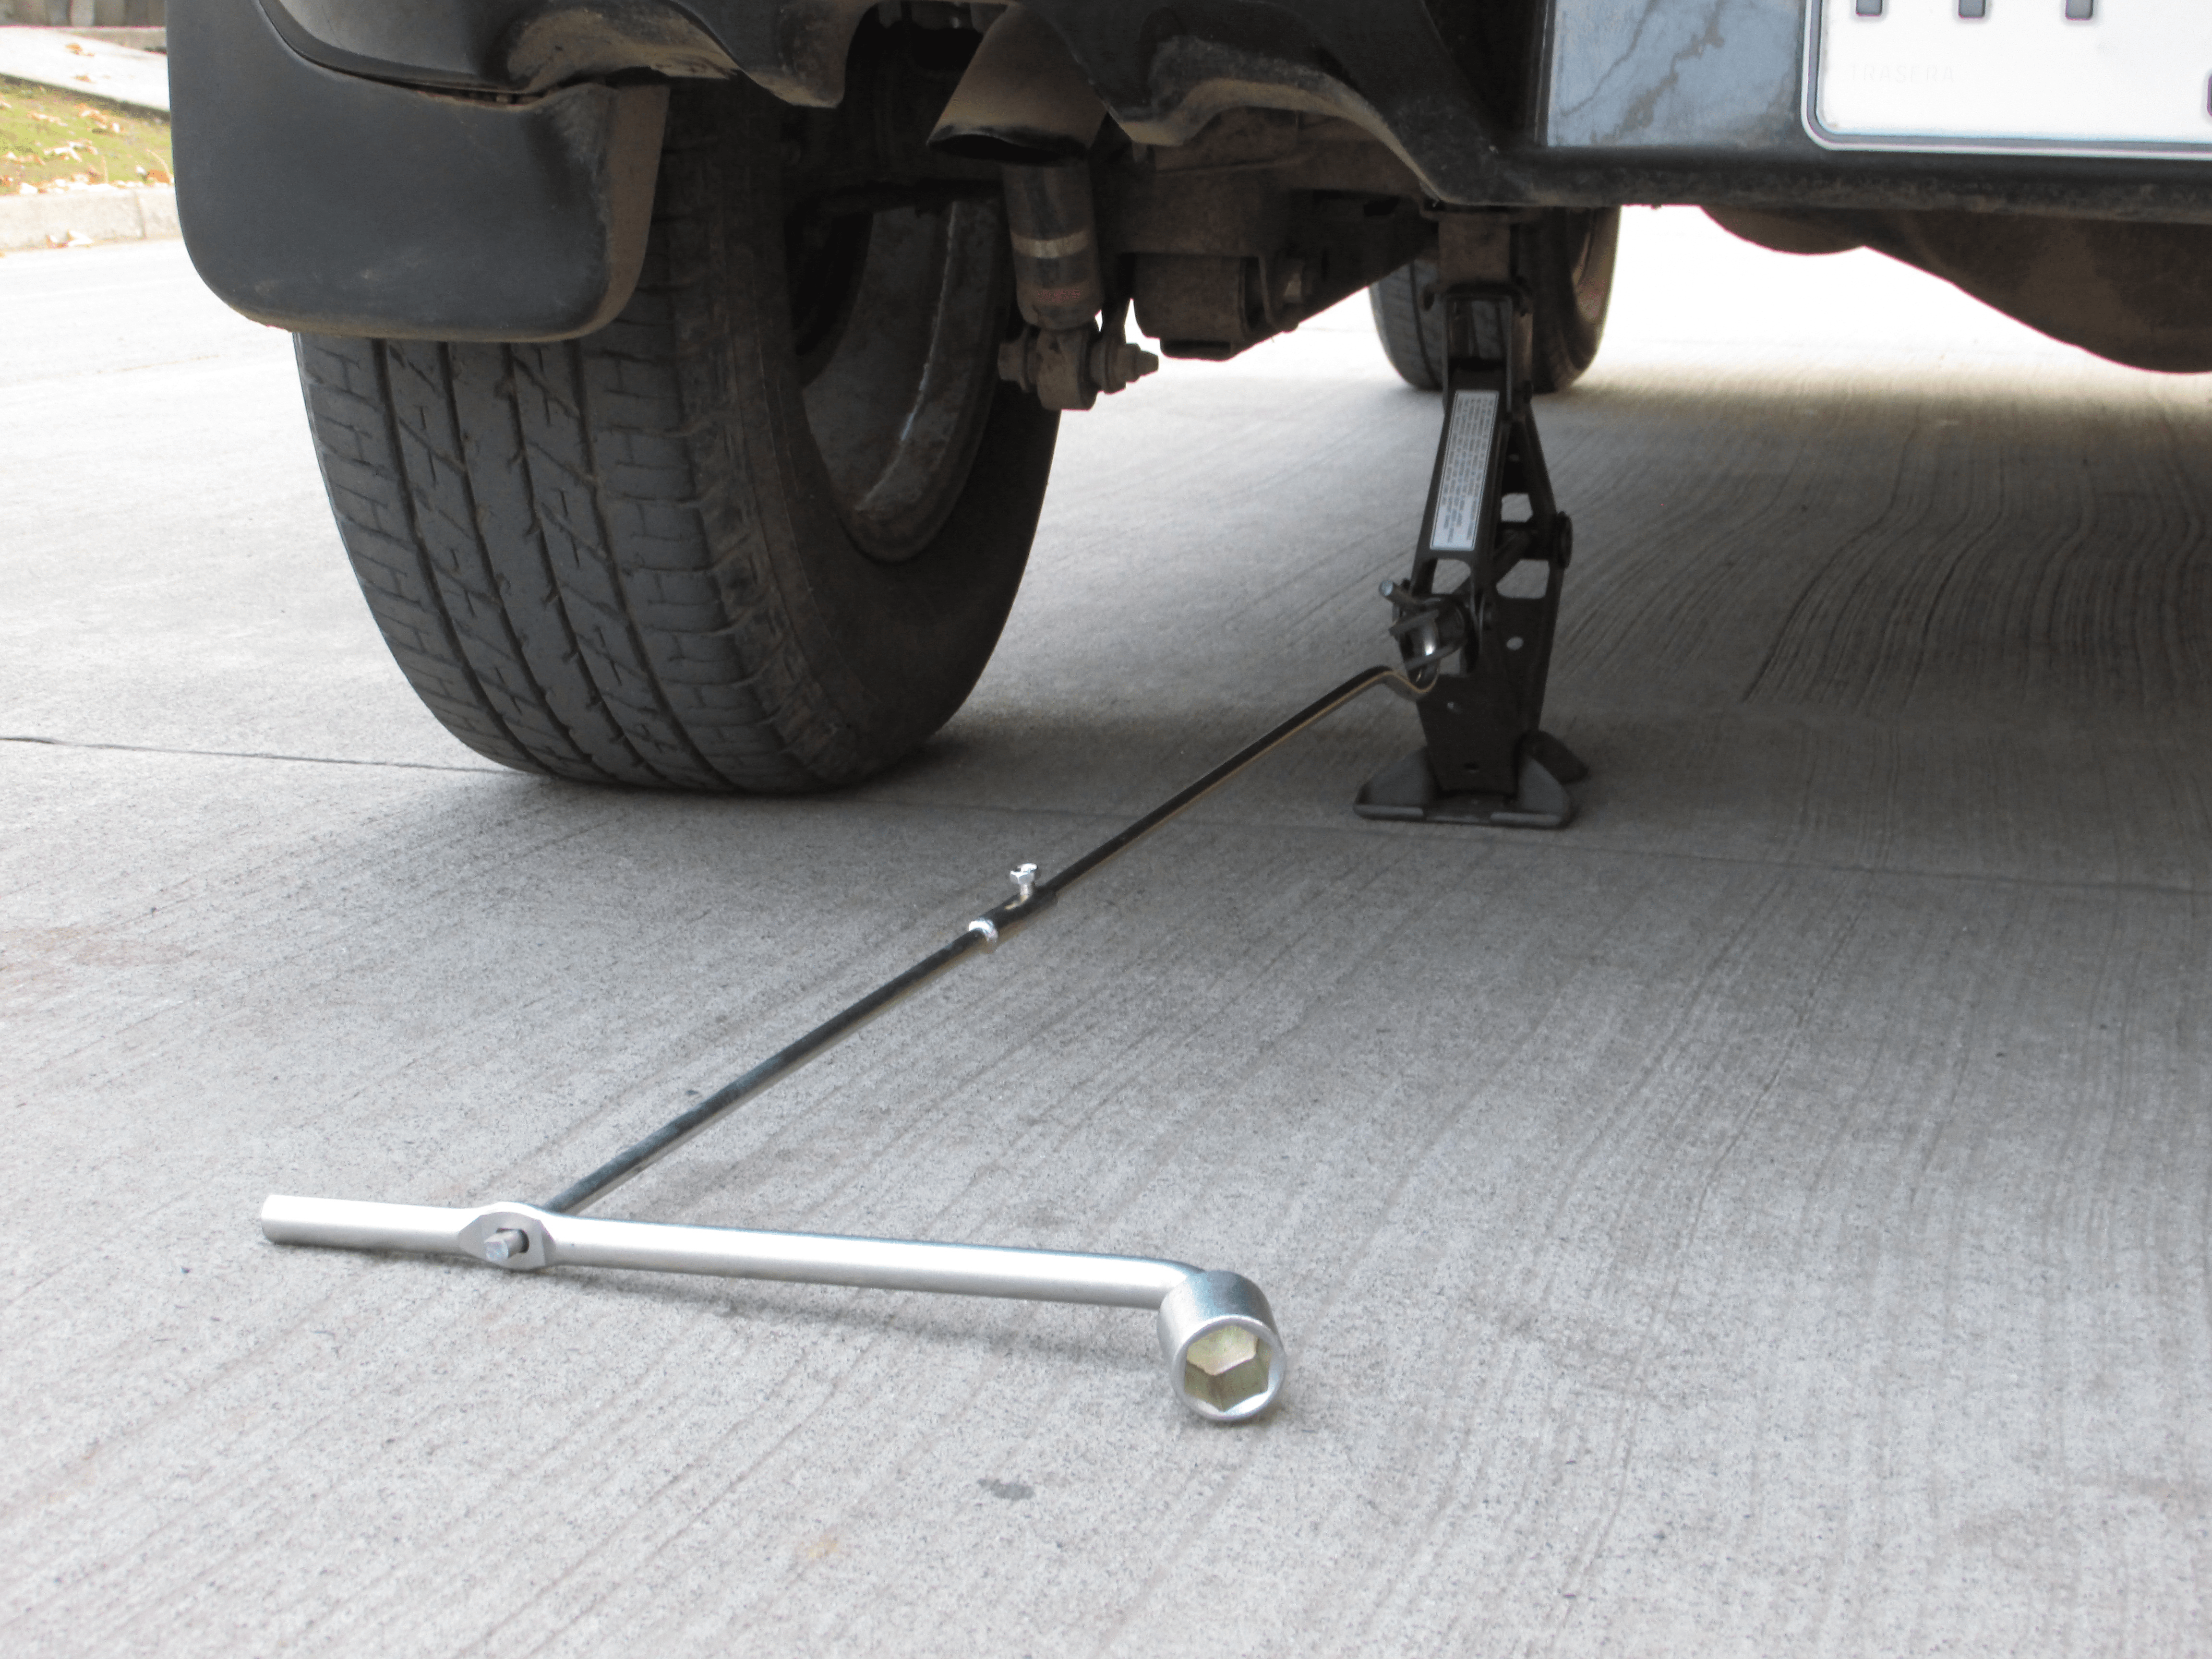 Cambiar neumático, cómo usar la gata